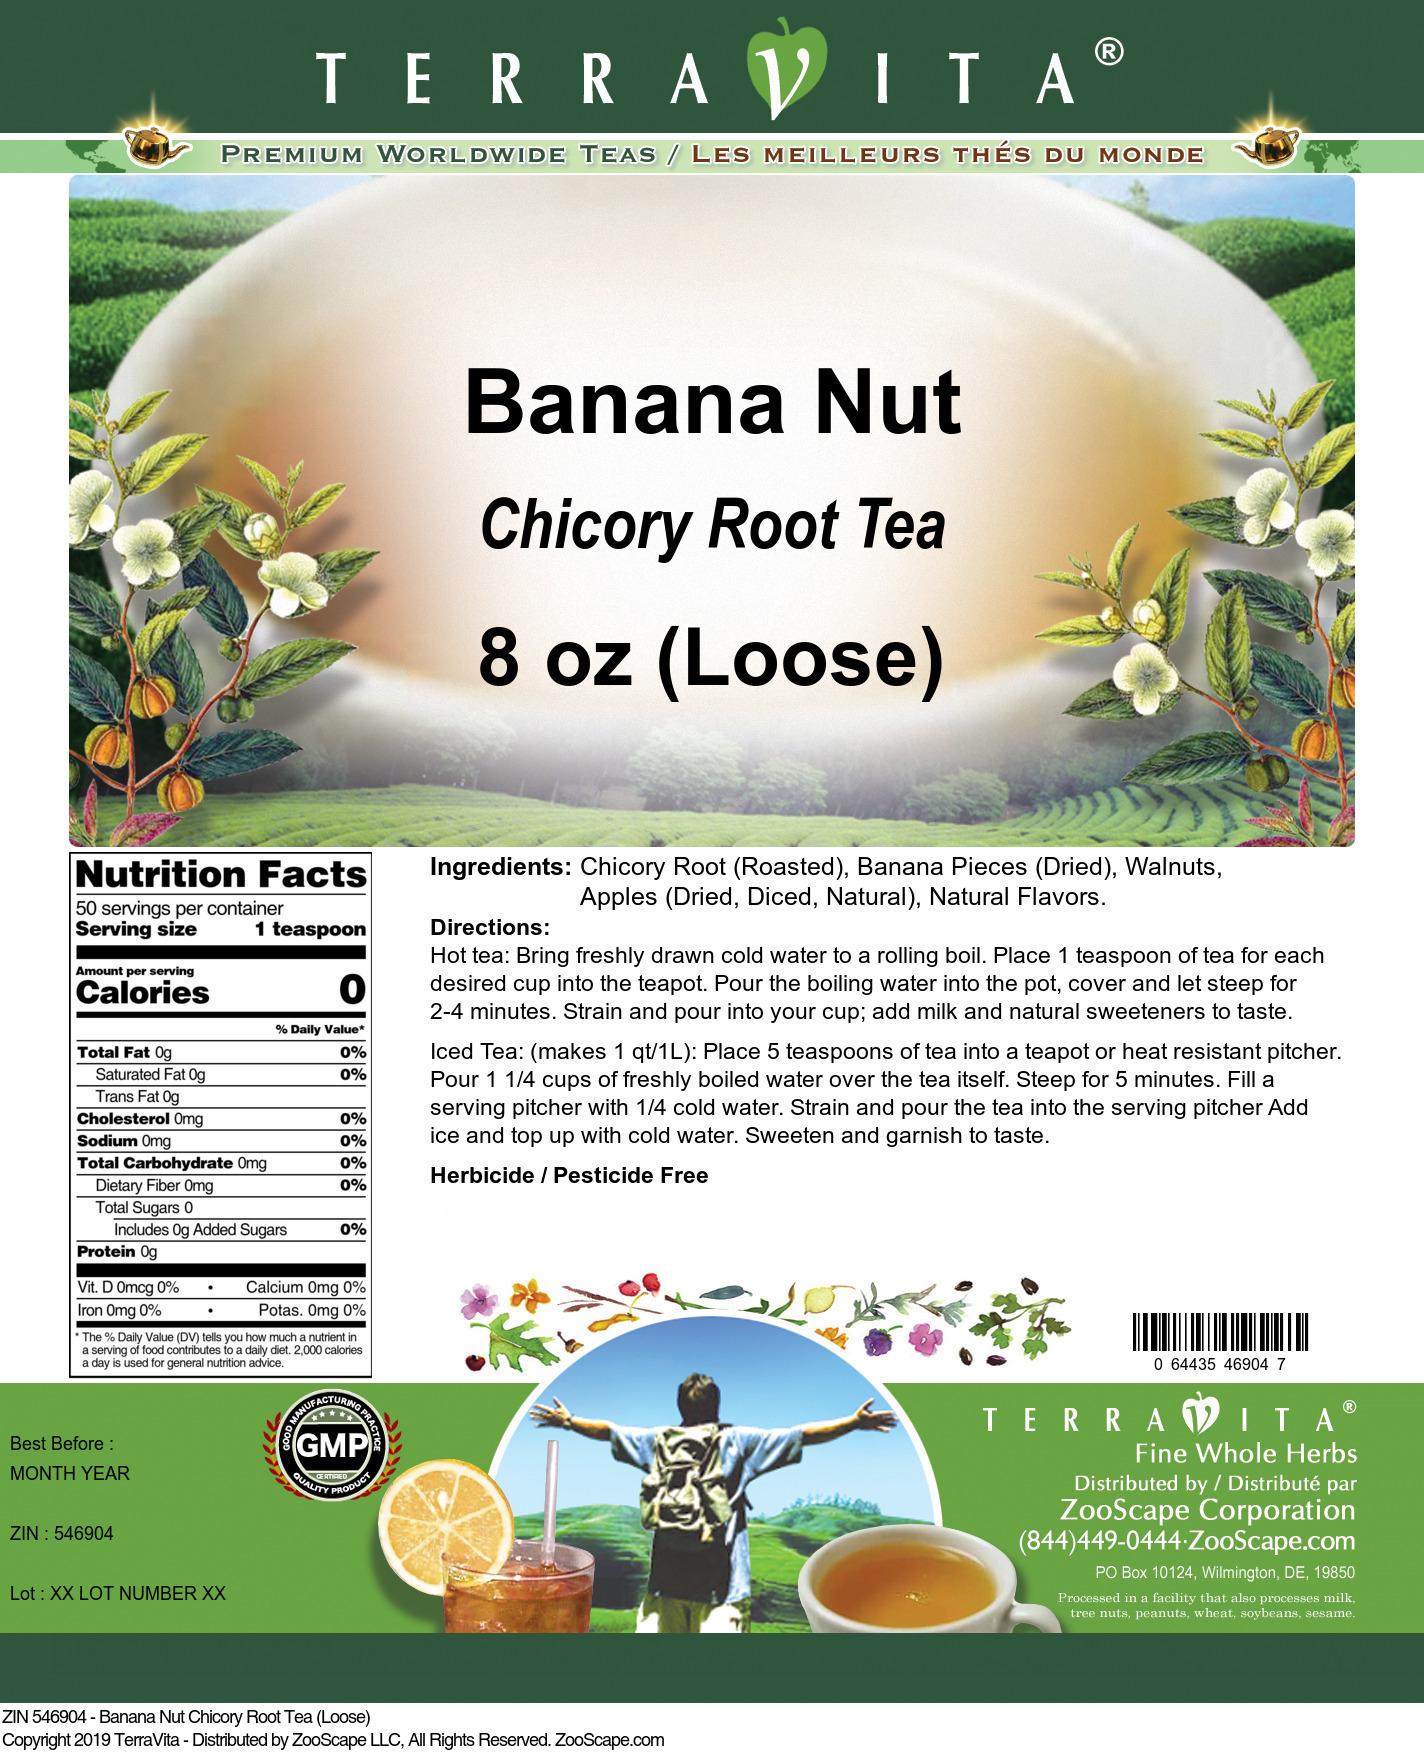 Banana Nut Chicory Root